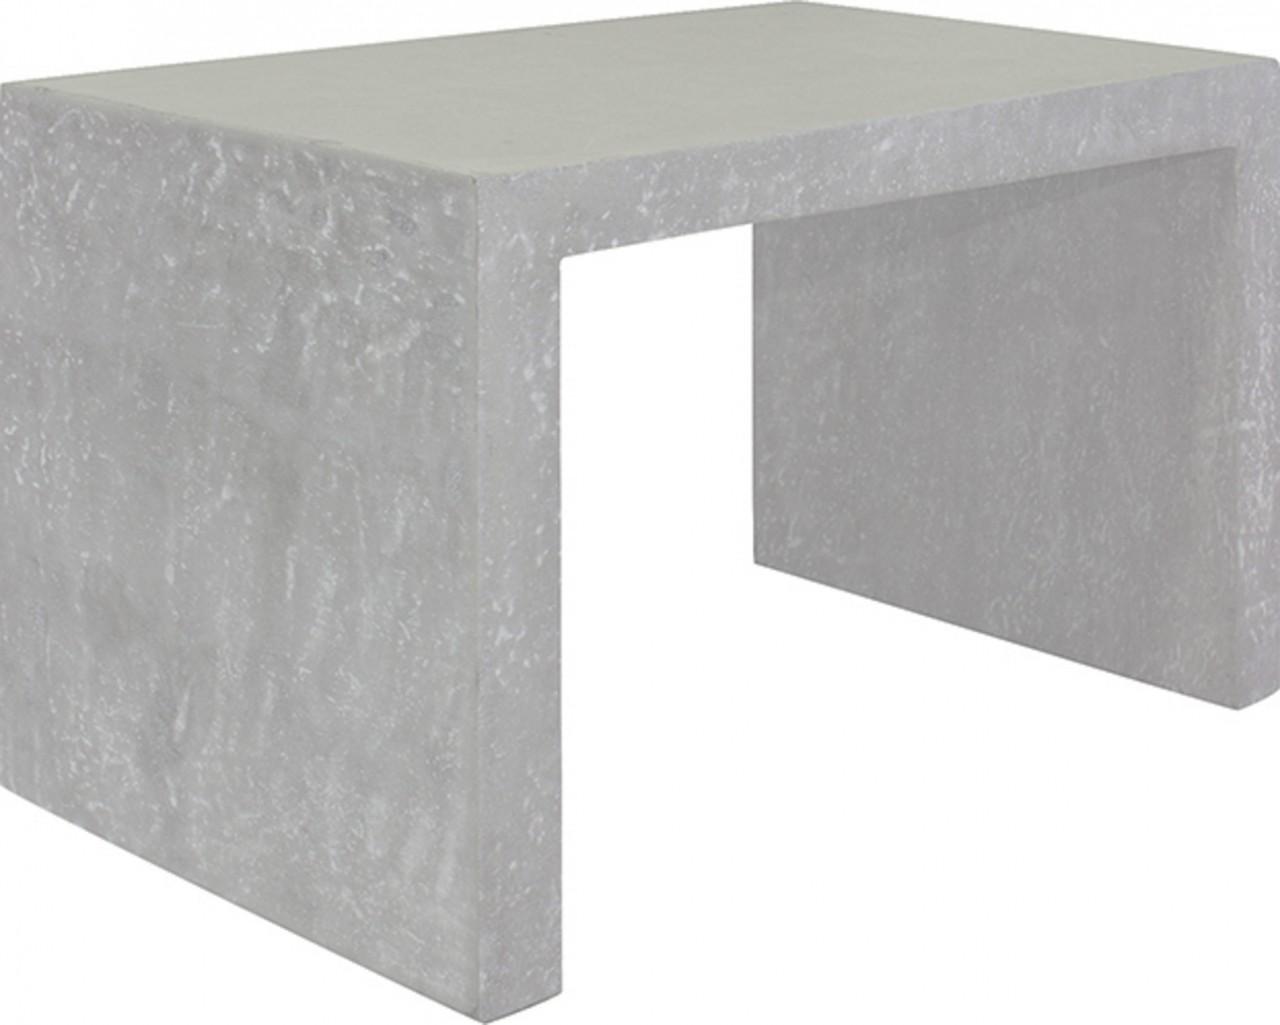 DIVISION Konsole, 81x50/50 cm, natur-beton